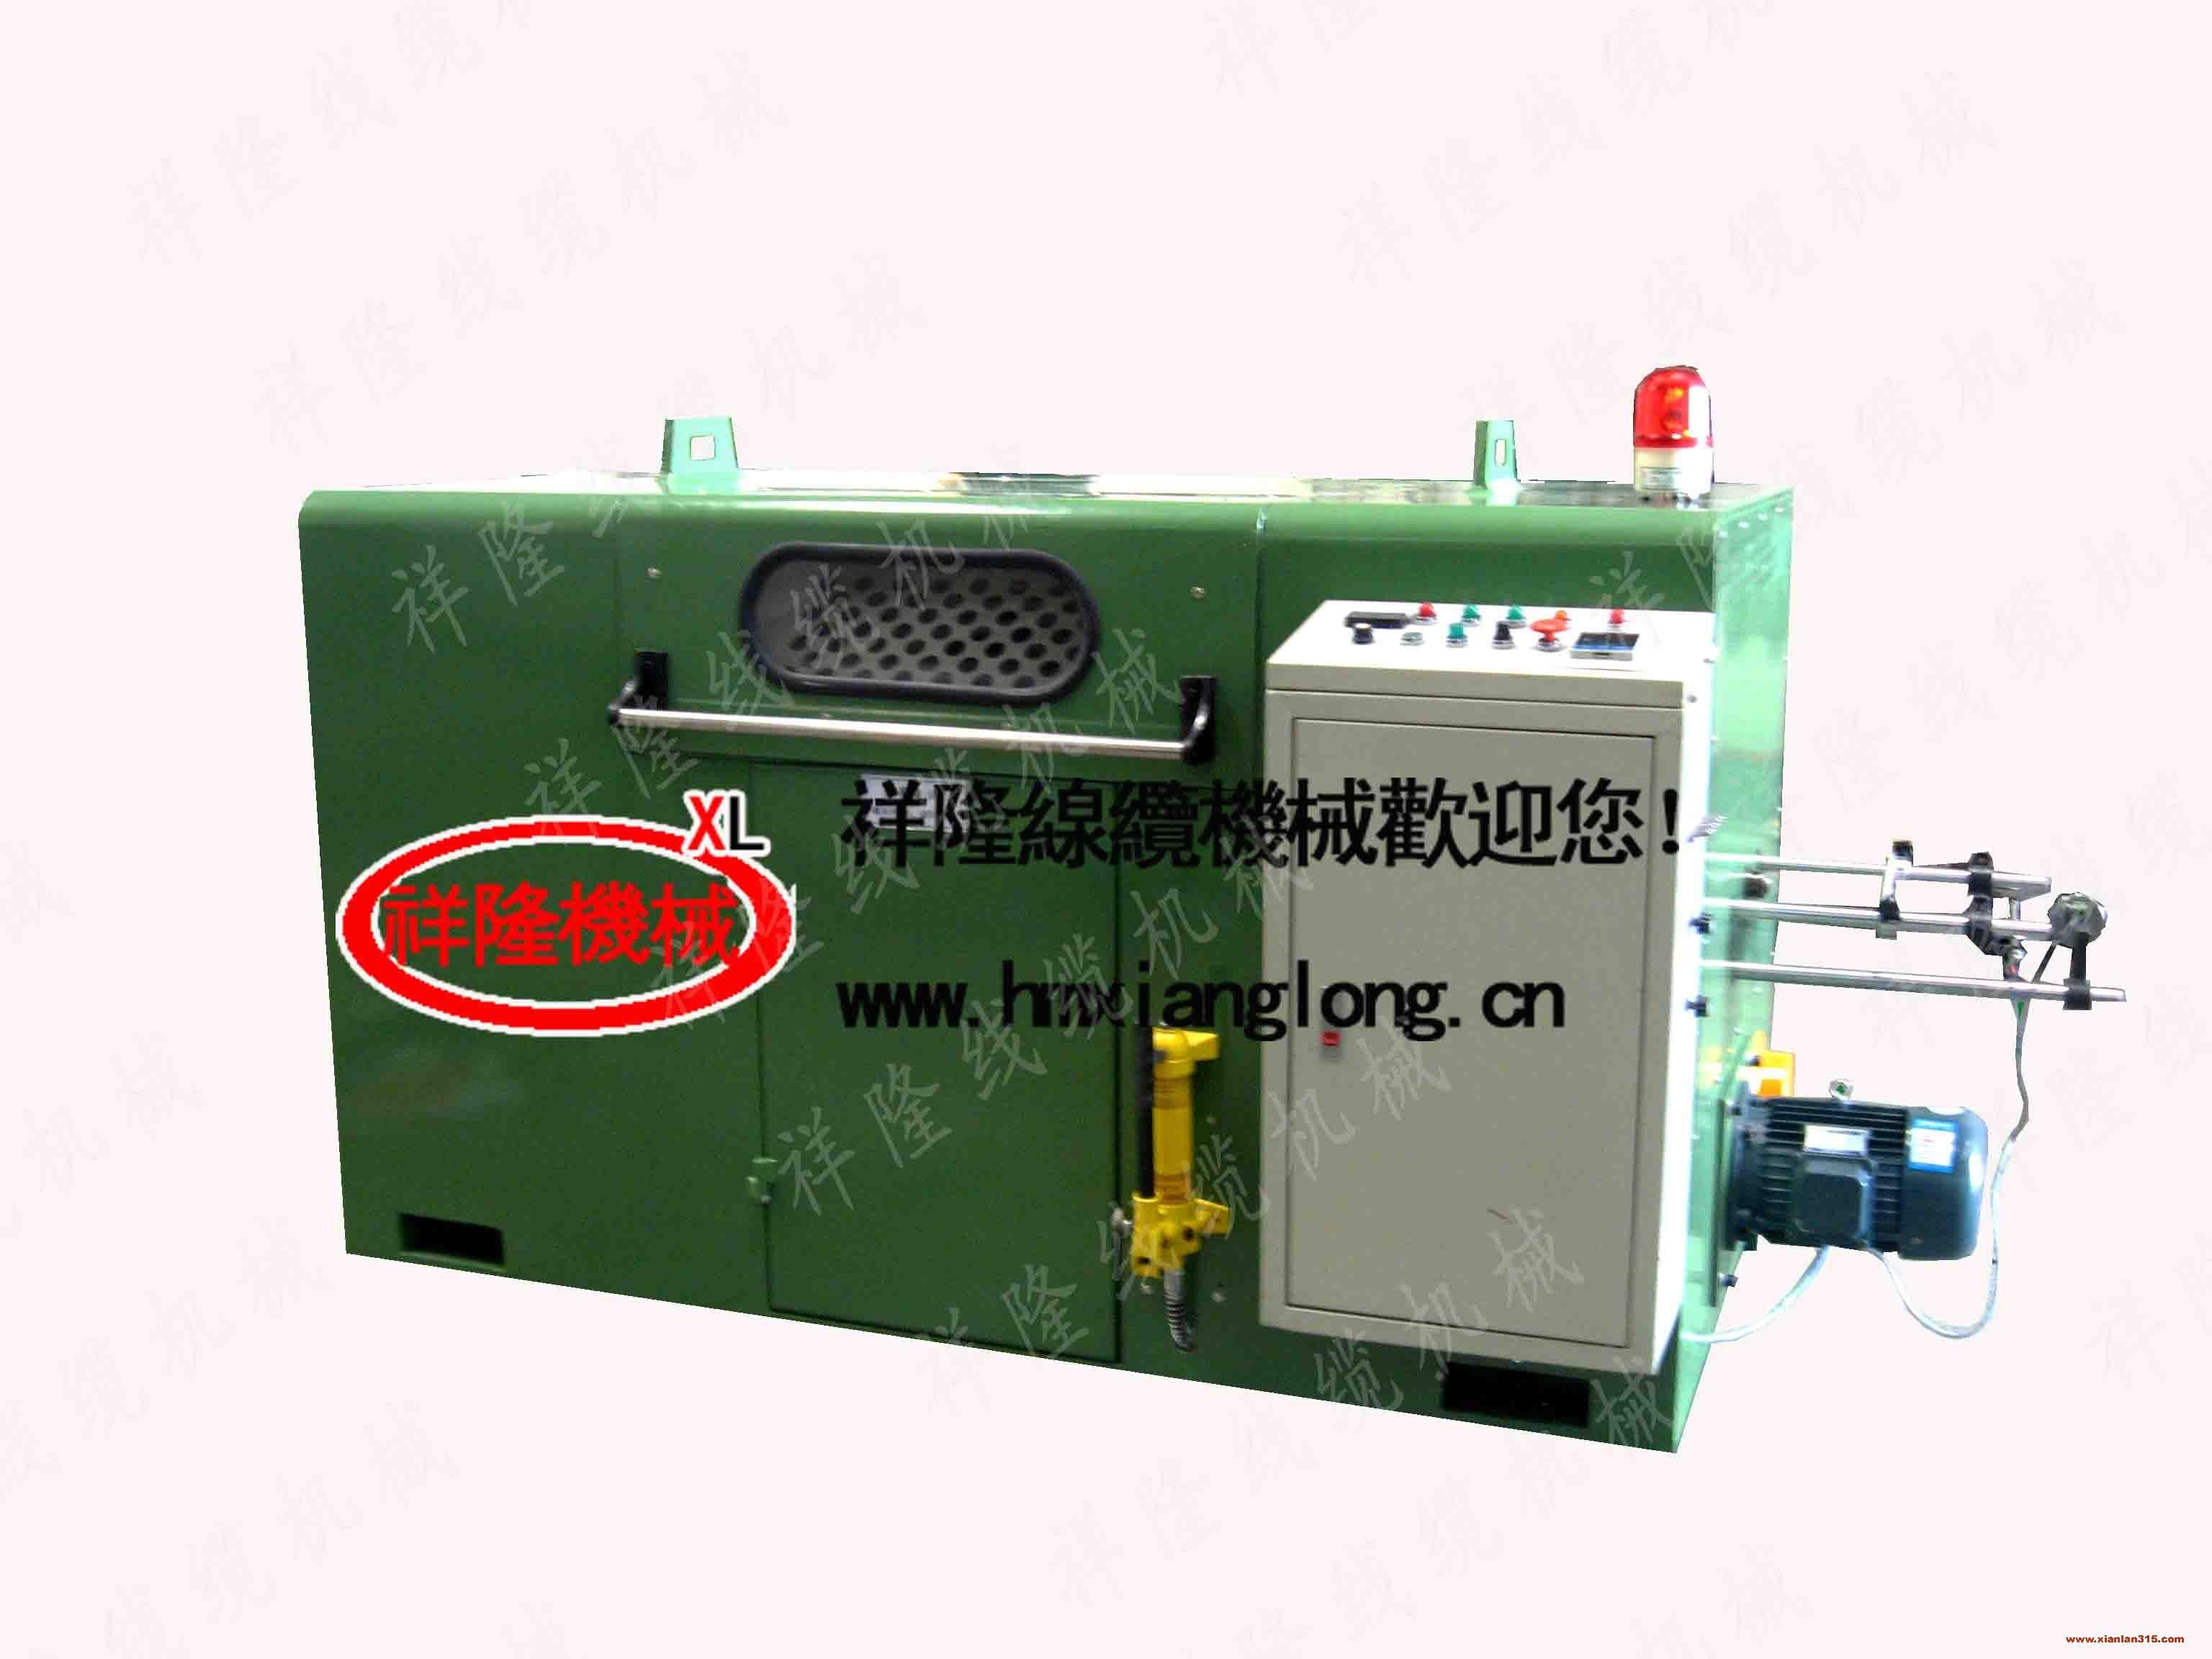 广东小型绞线机 专业绞线机 高速绞线机 绞线机图片 绞线机说明书产品图片展示